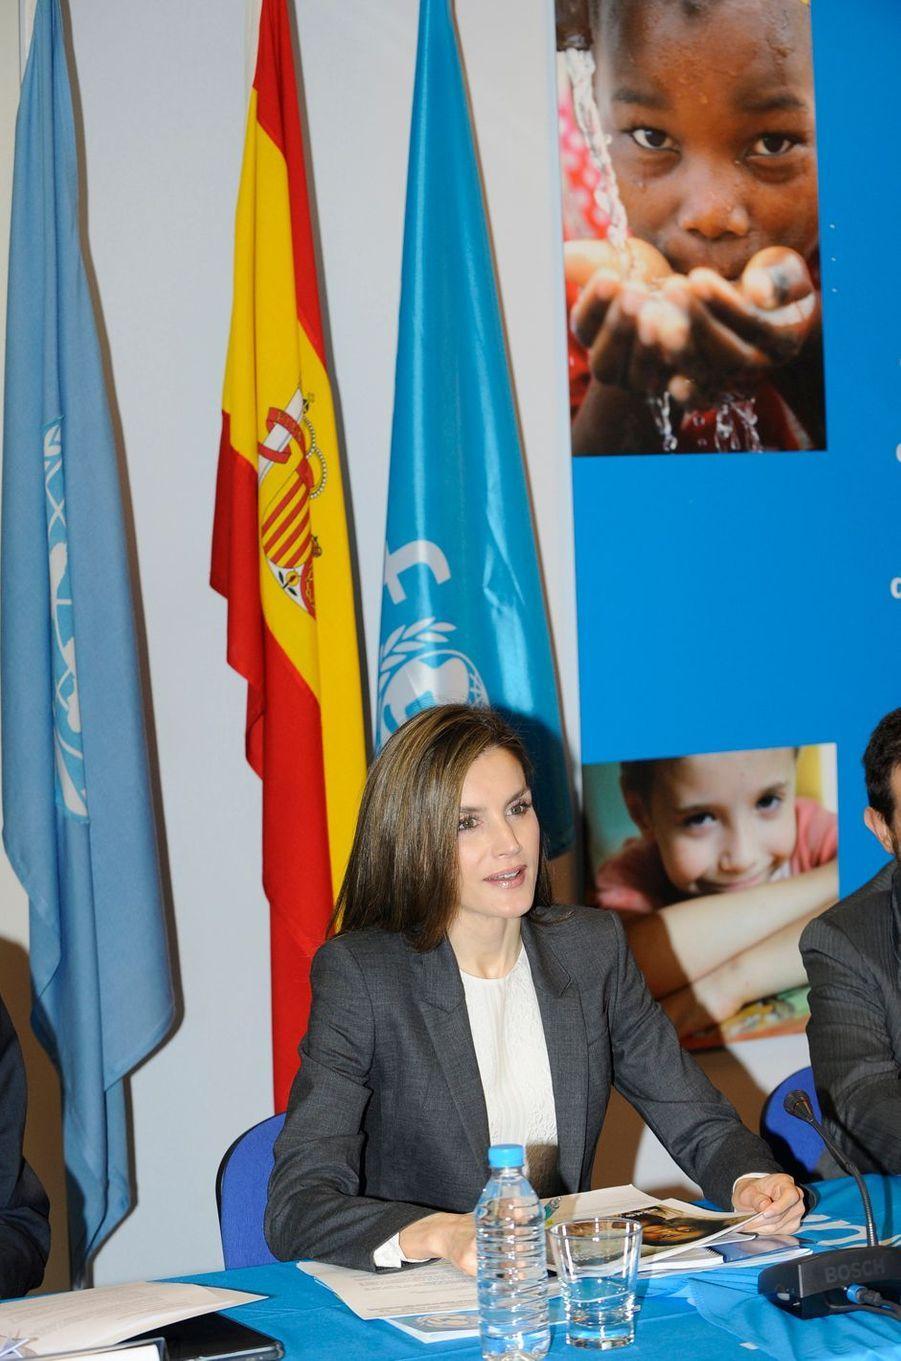 La reine Letizia d'Espagne à la réunion du conseil de la Fondation du comité espagnol de l'Unicef à Madrid, le 16 décembre 2016